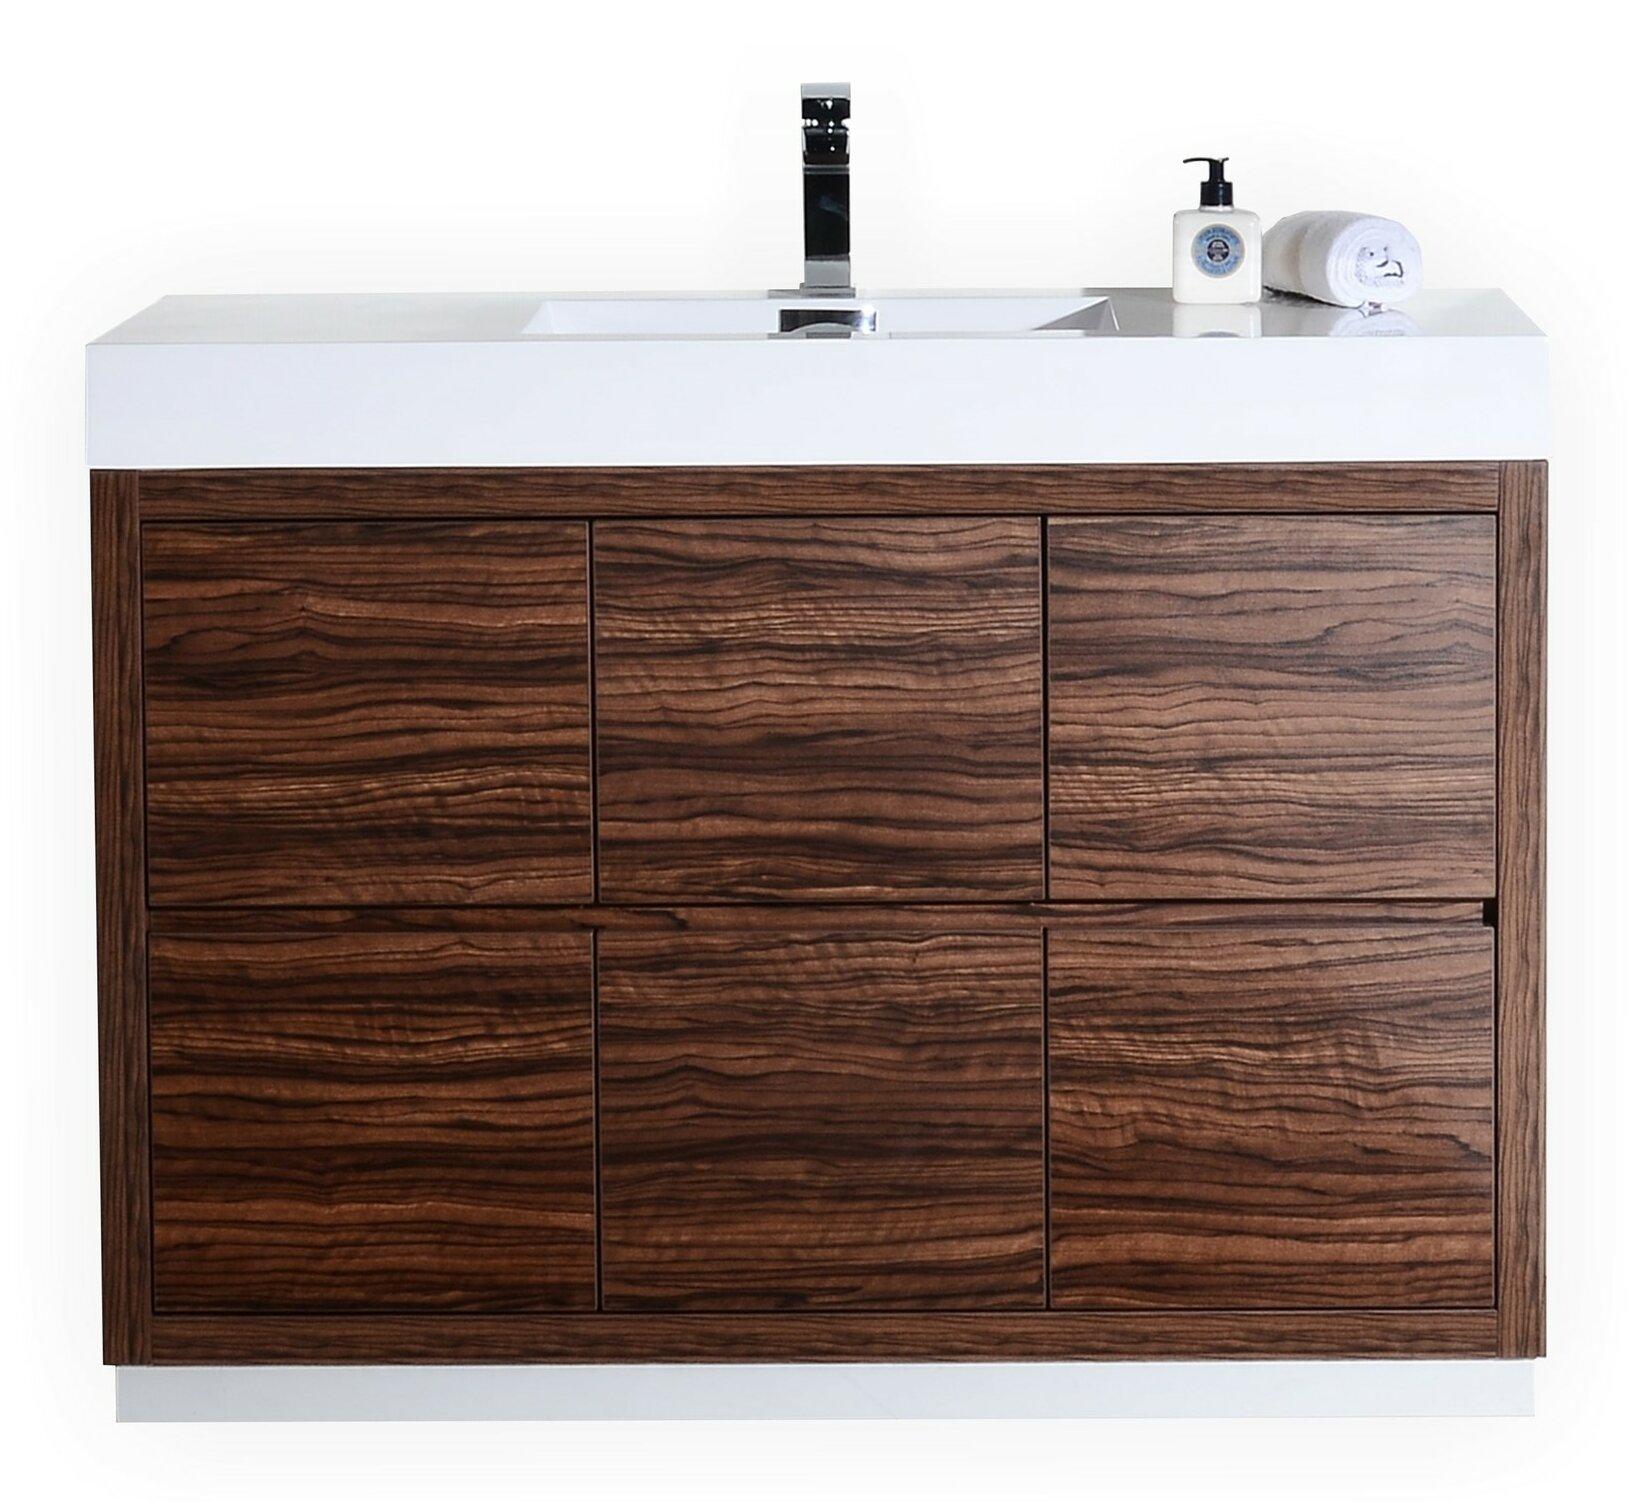 Tenafly 48 Single Free Standing Modern Bathroom Vanity Set &